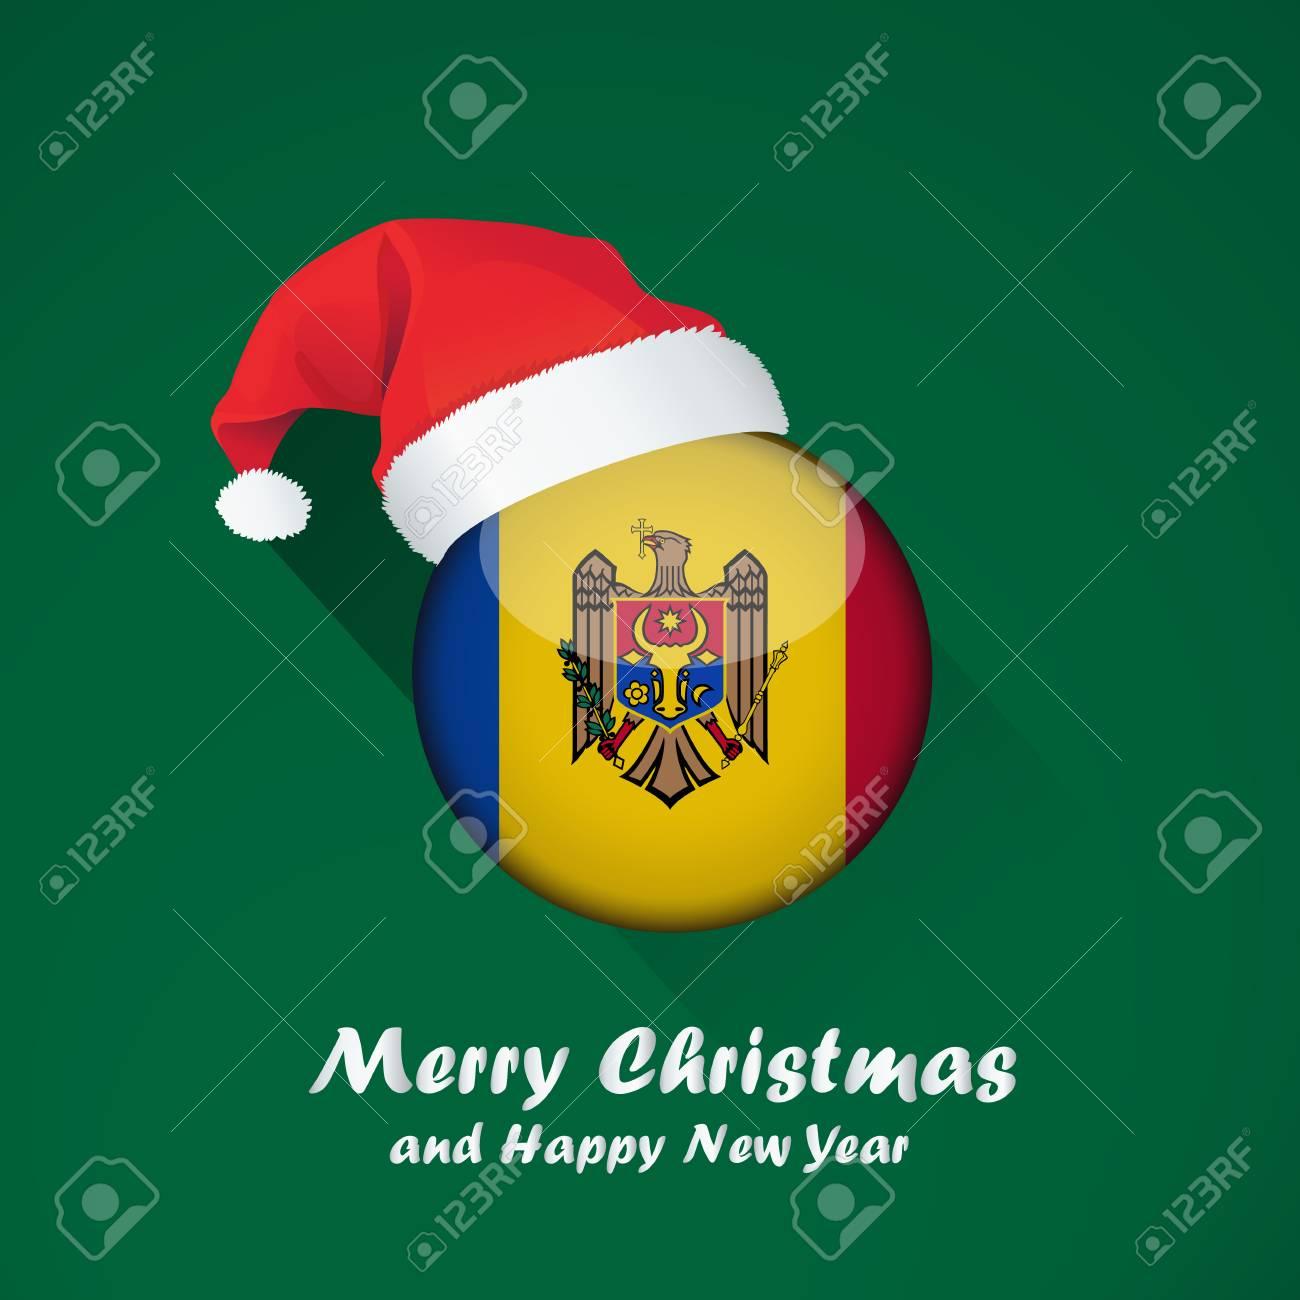 ÎÏÎ¿ÏέλεÏμα εικÏÎ½Î±Ï Î³Î¹Î± Moldova christmas